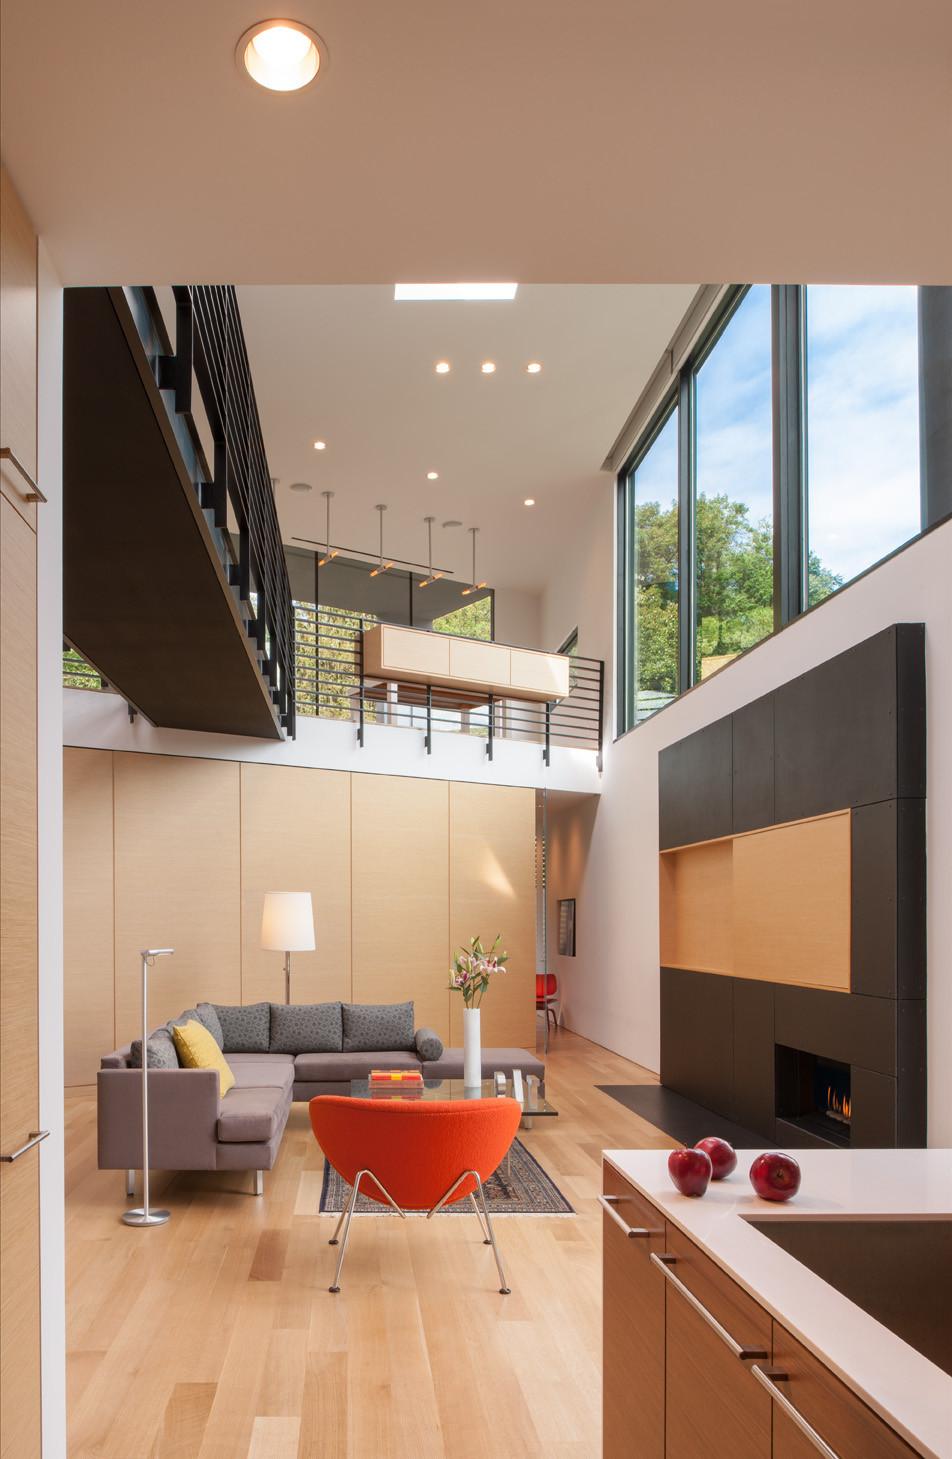 Gallery of komai residence robert m gurney architect 10 - Pavillon residentiel moderne gurney architecte ...